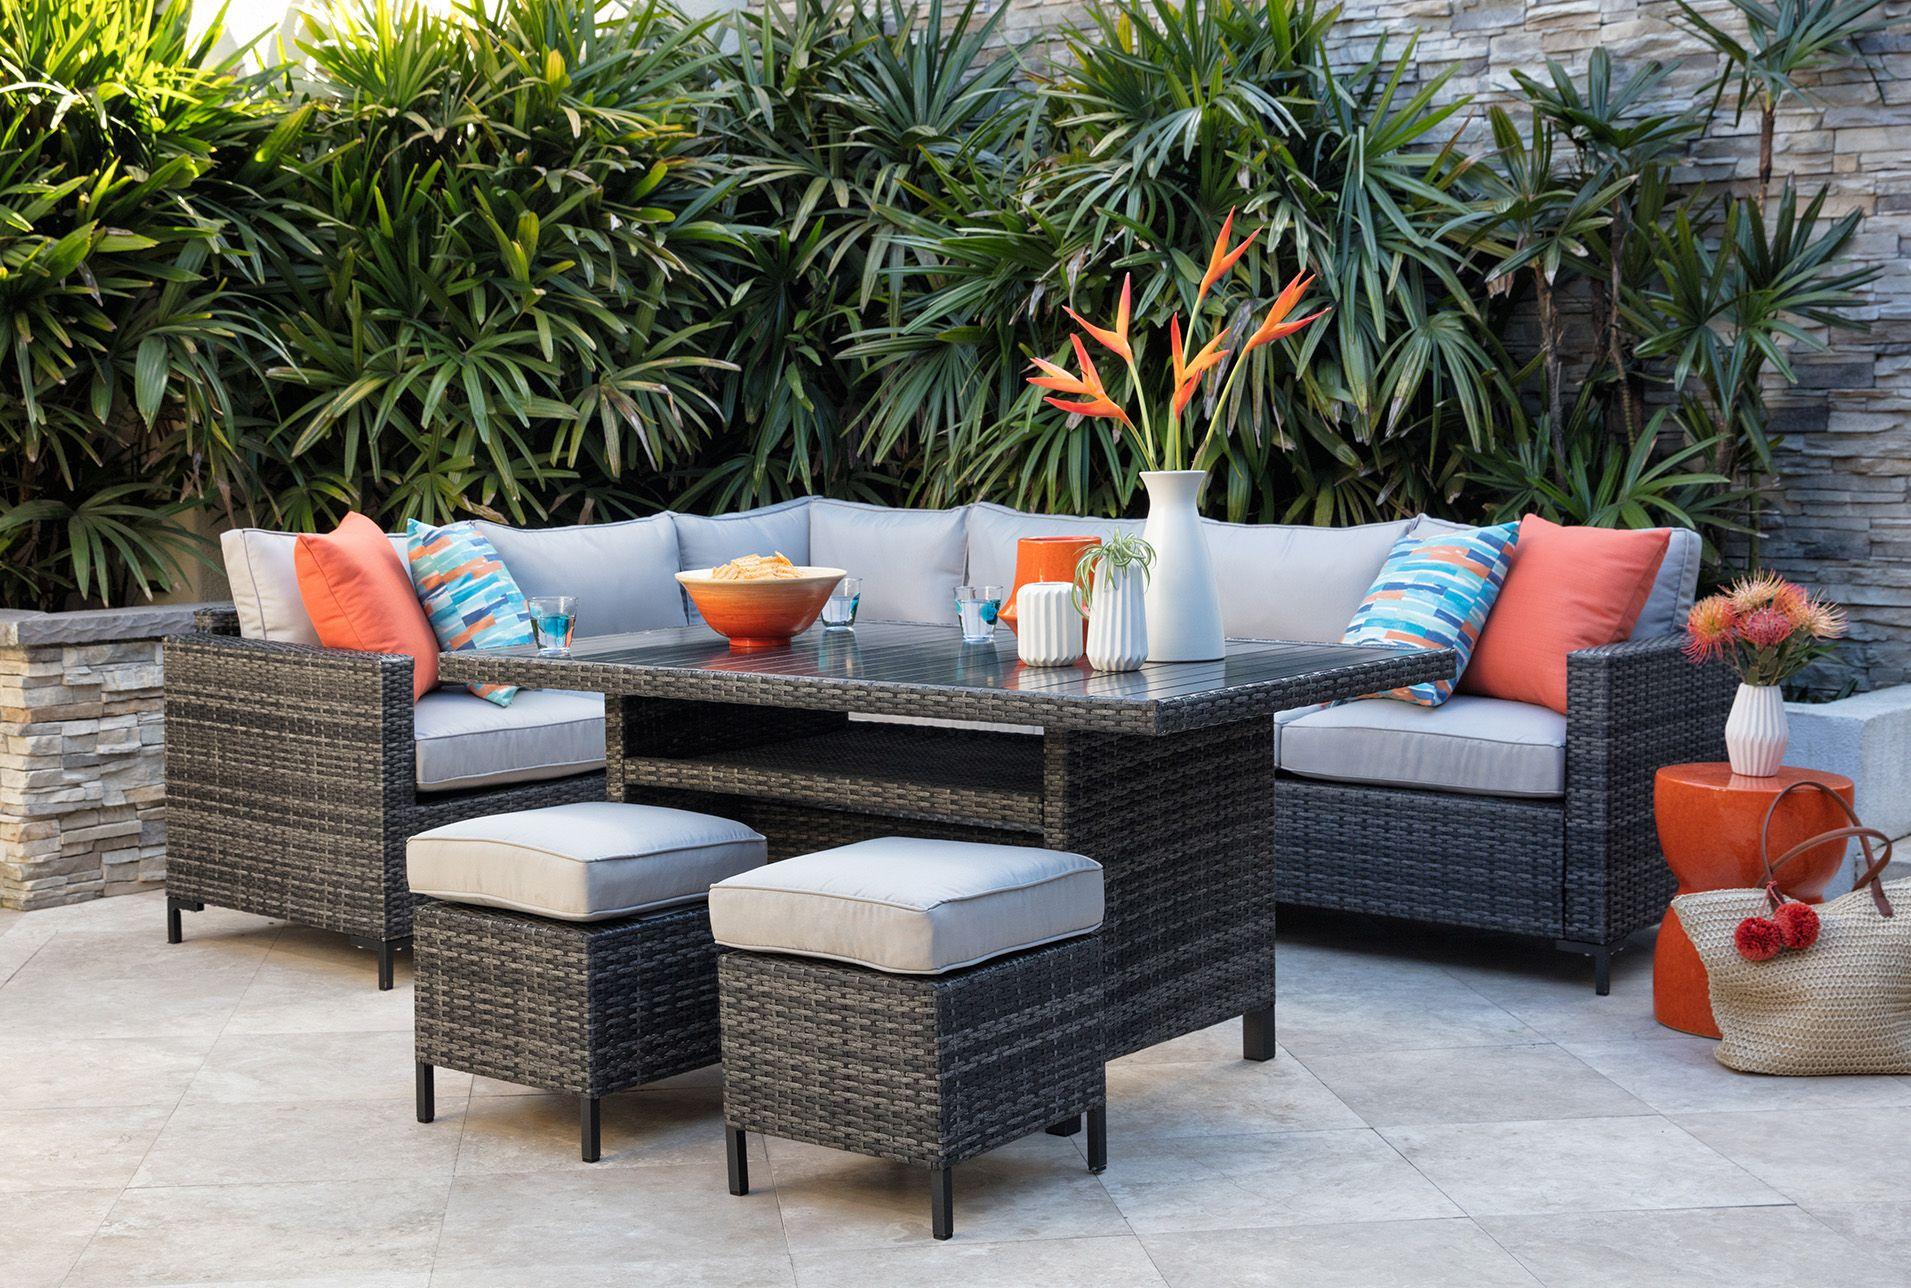 Outdoor Domingo Banquette Lounge Outdoor Furniture Best Outdoor Furniture Outdoor Decor